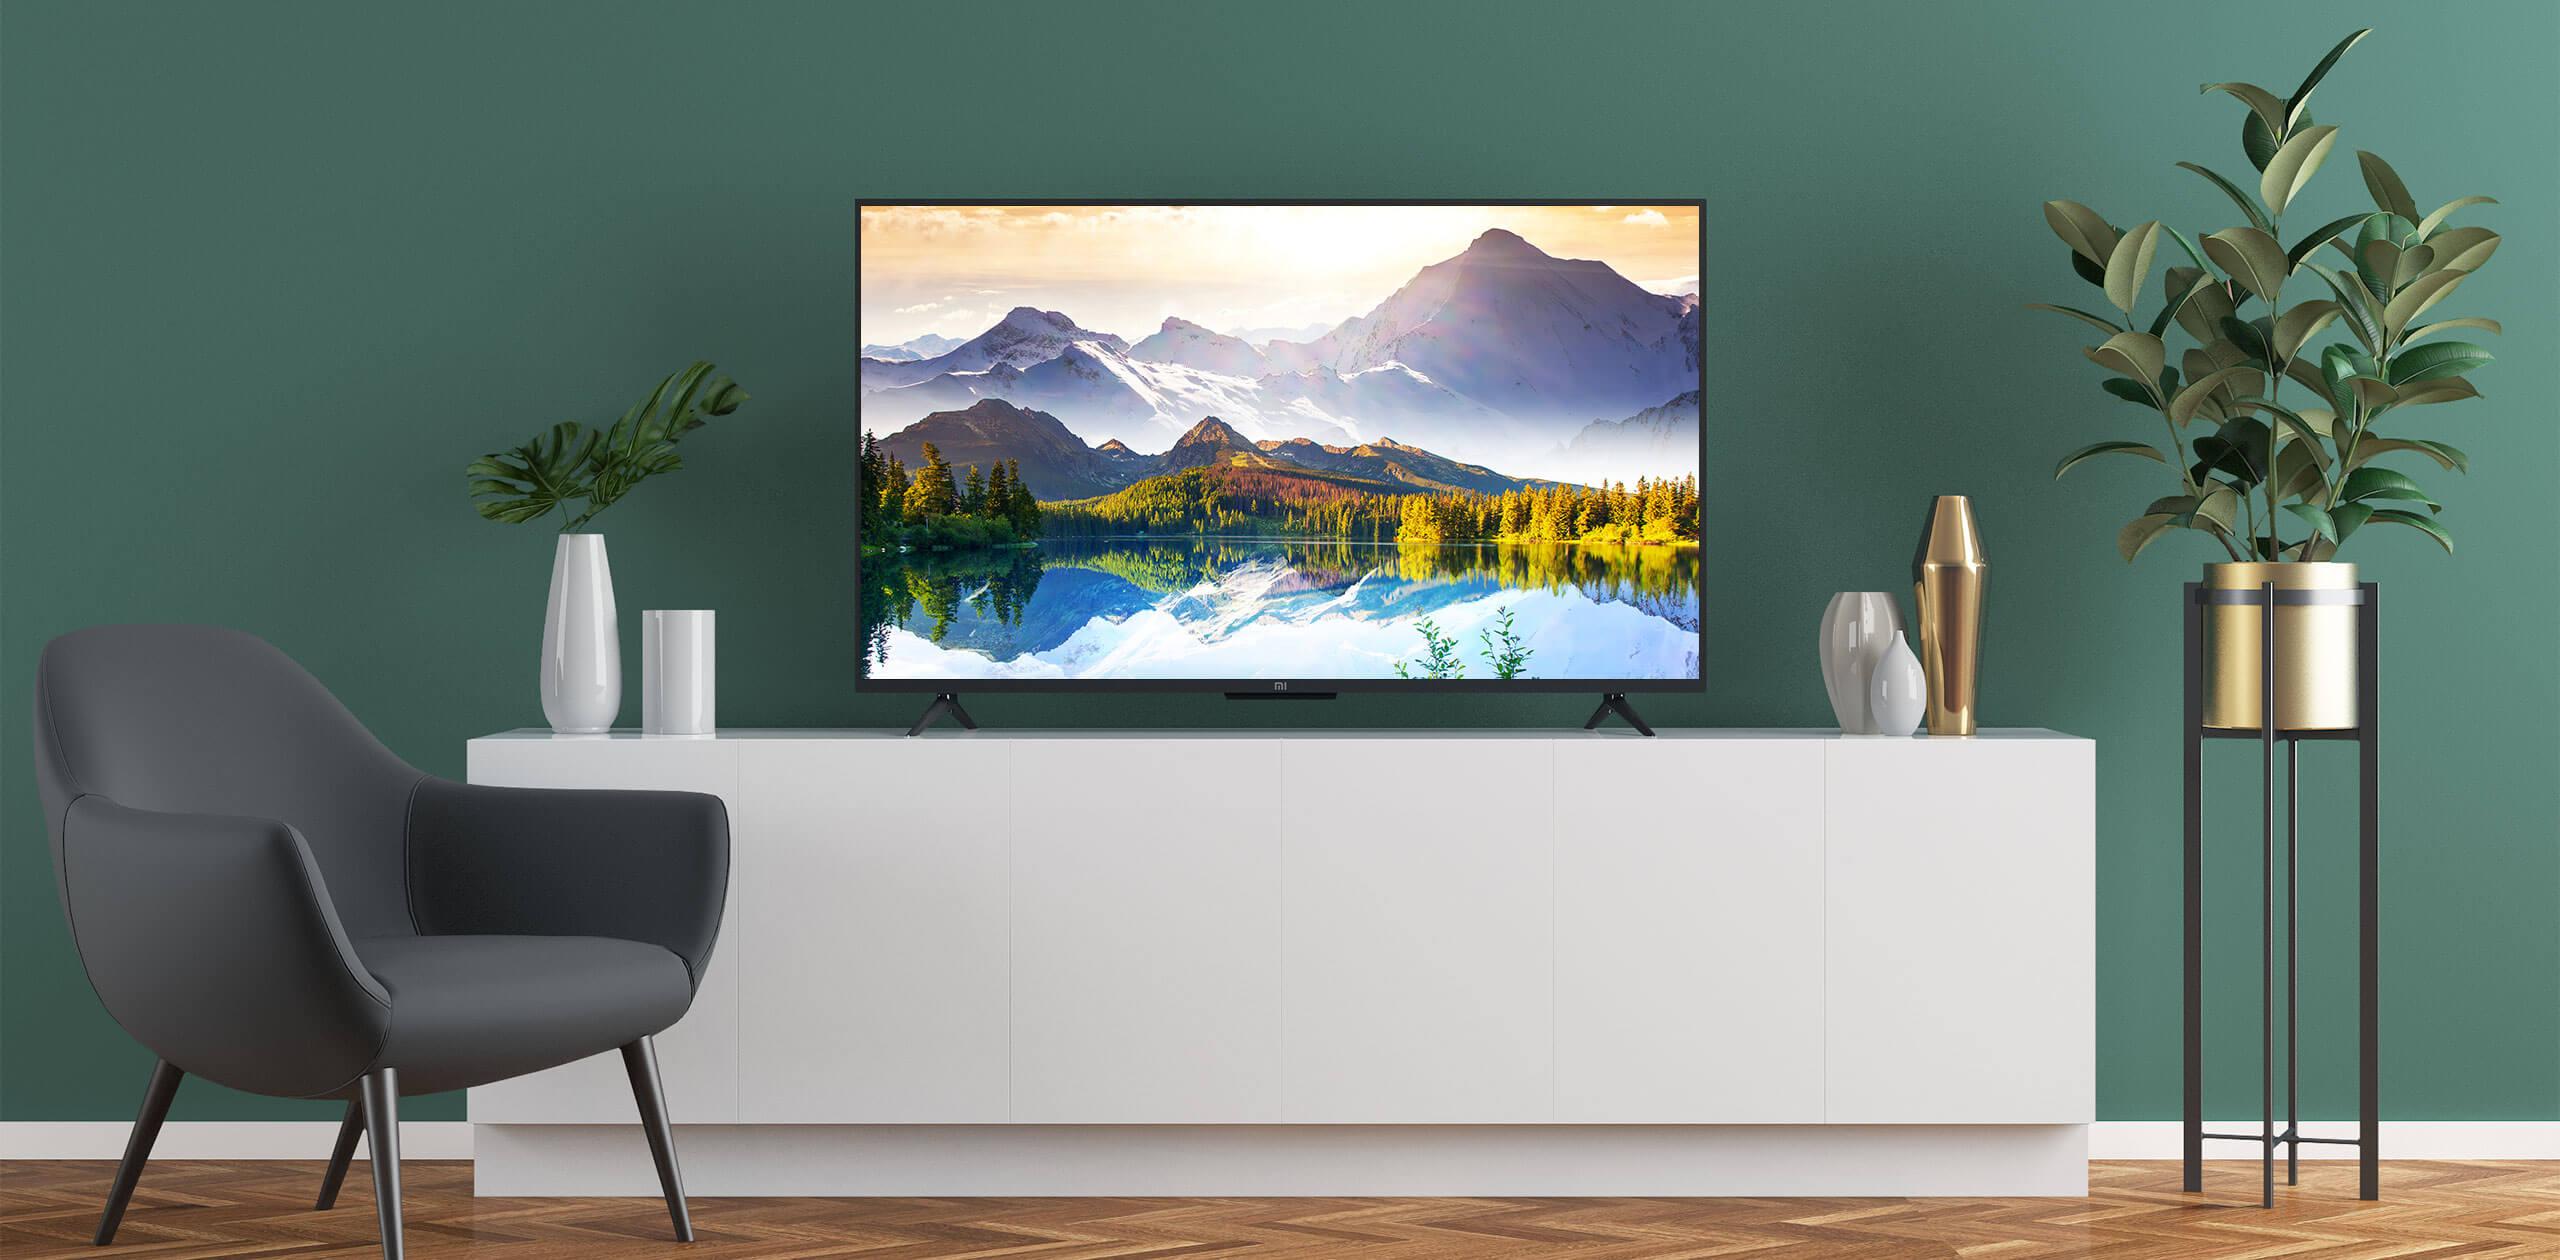 Kolejny, tani telewizor pojawił się w ofercie Xiaomi, tym razem z 43-calowym ekranem Full HD i Dolby Audio 15